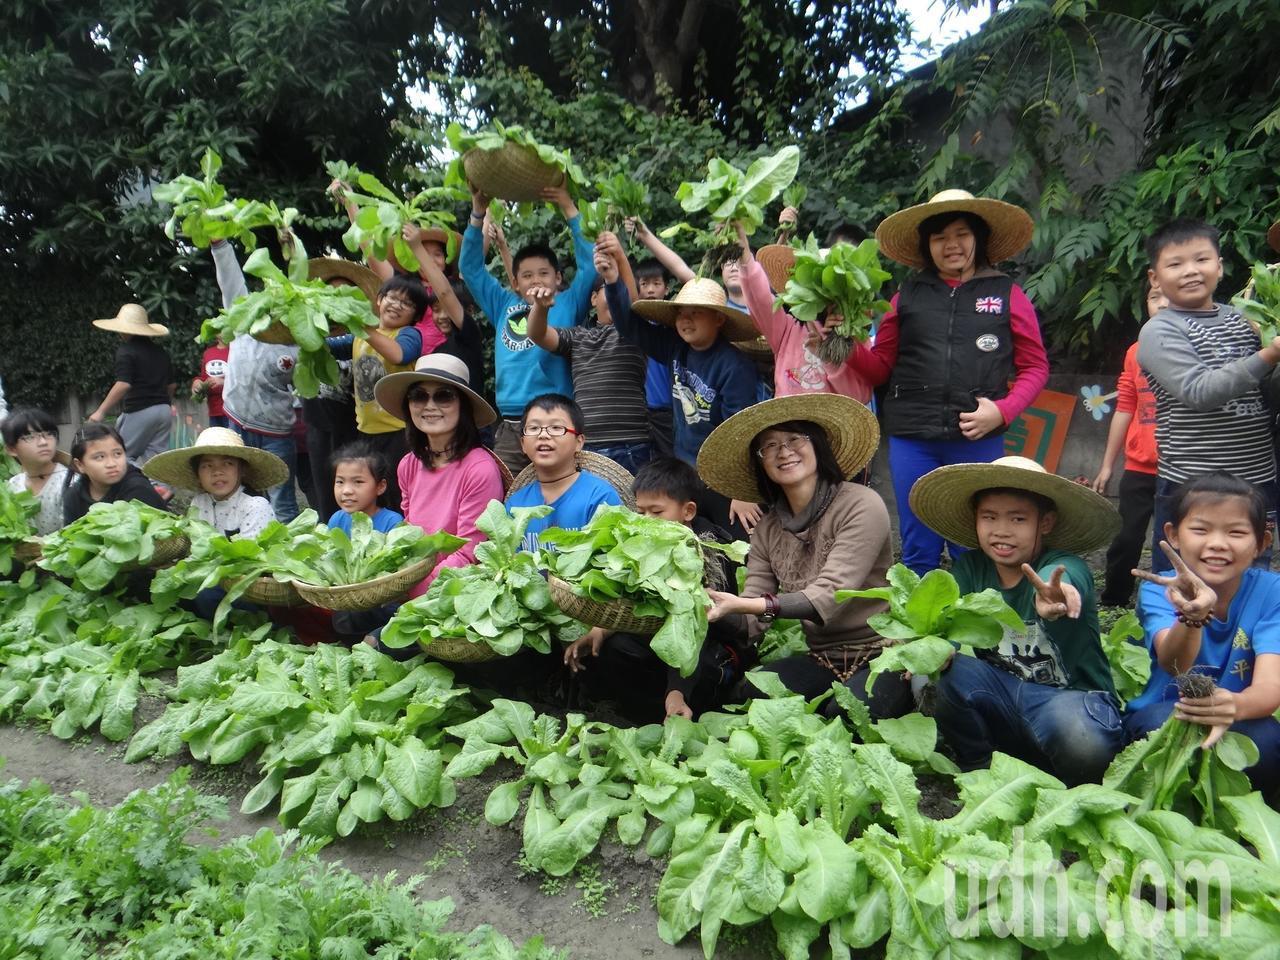 莿桐農會在饒平國小推動食農教育,讓小朋友從農田到餐桌學習友善土地,珍惜生命。記者...